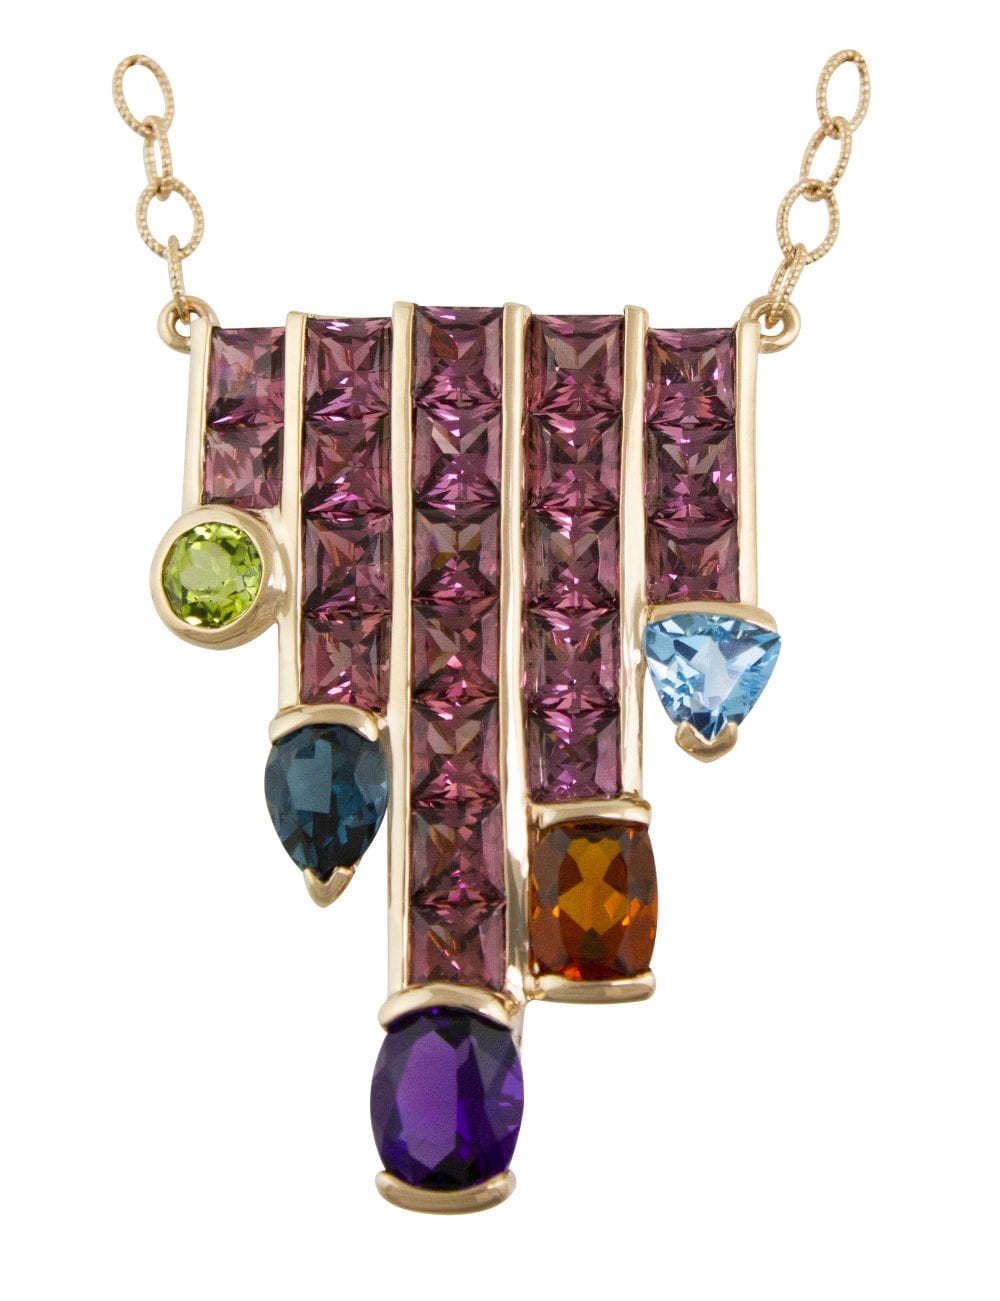 Capri Nouveau Pendant II | Bellarri | Jewelry-Exposures International Gallery of Fine Art - Sedona AZ